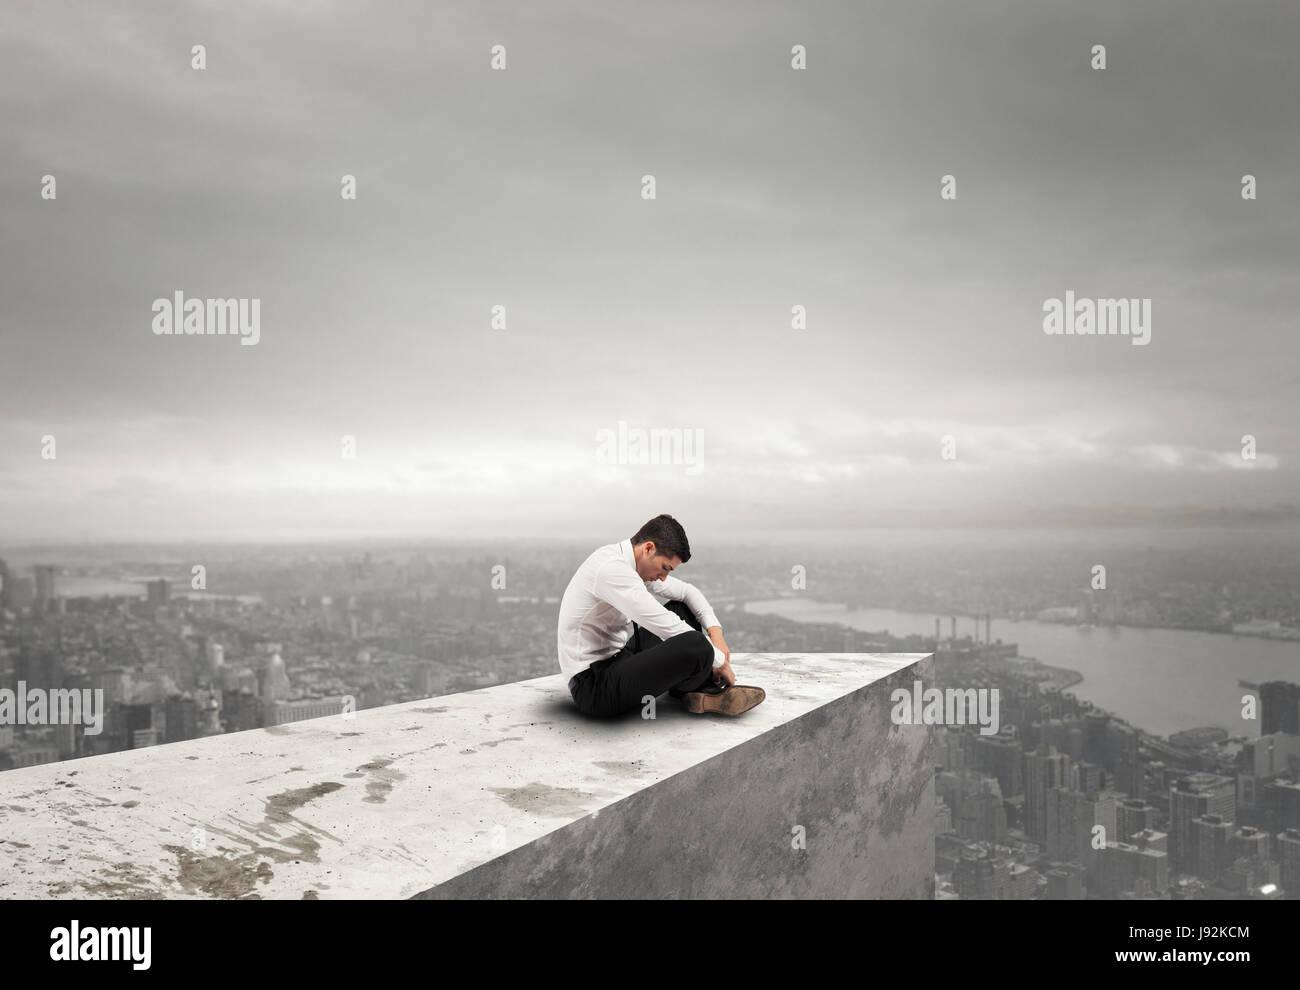 Allein verzweifelter Geschäftsmann. Einsamkeit und Versagen Konzept Stockbild